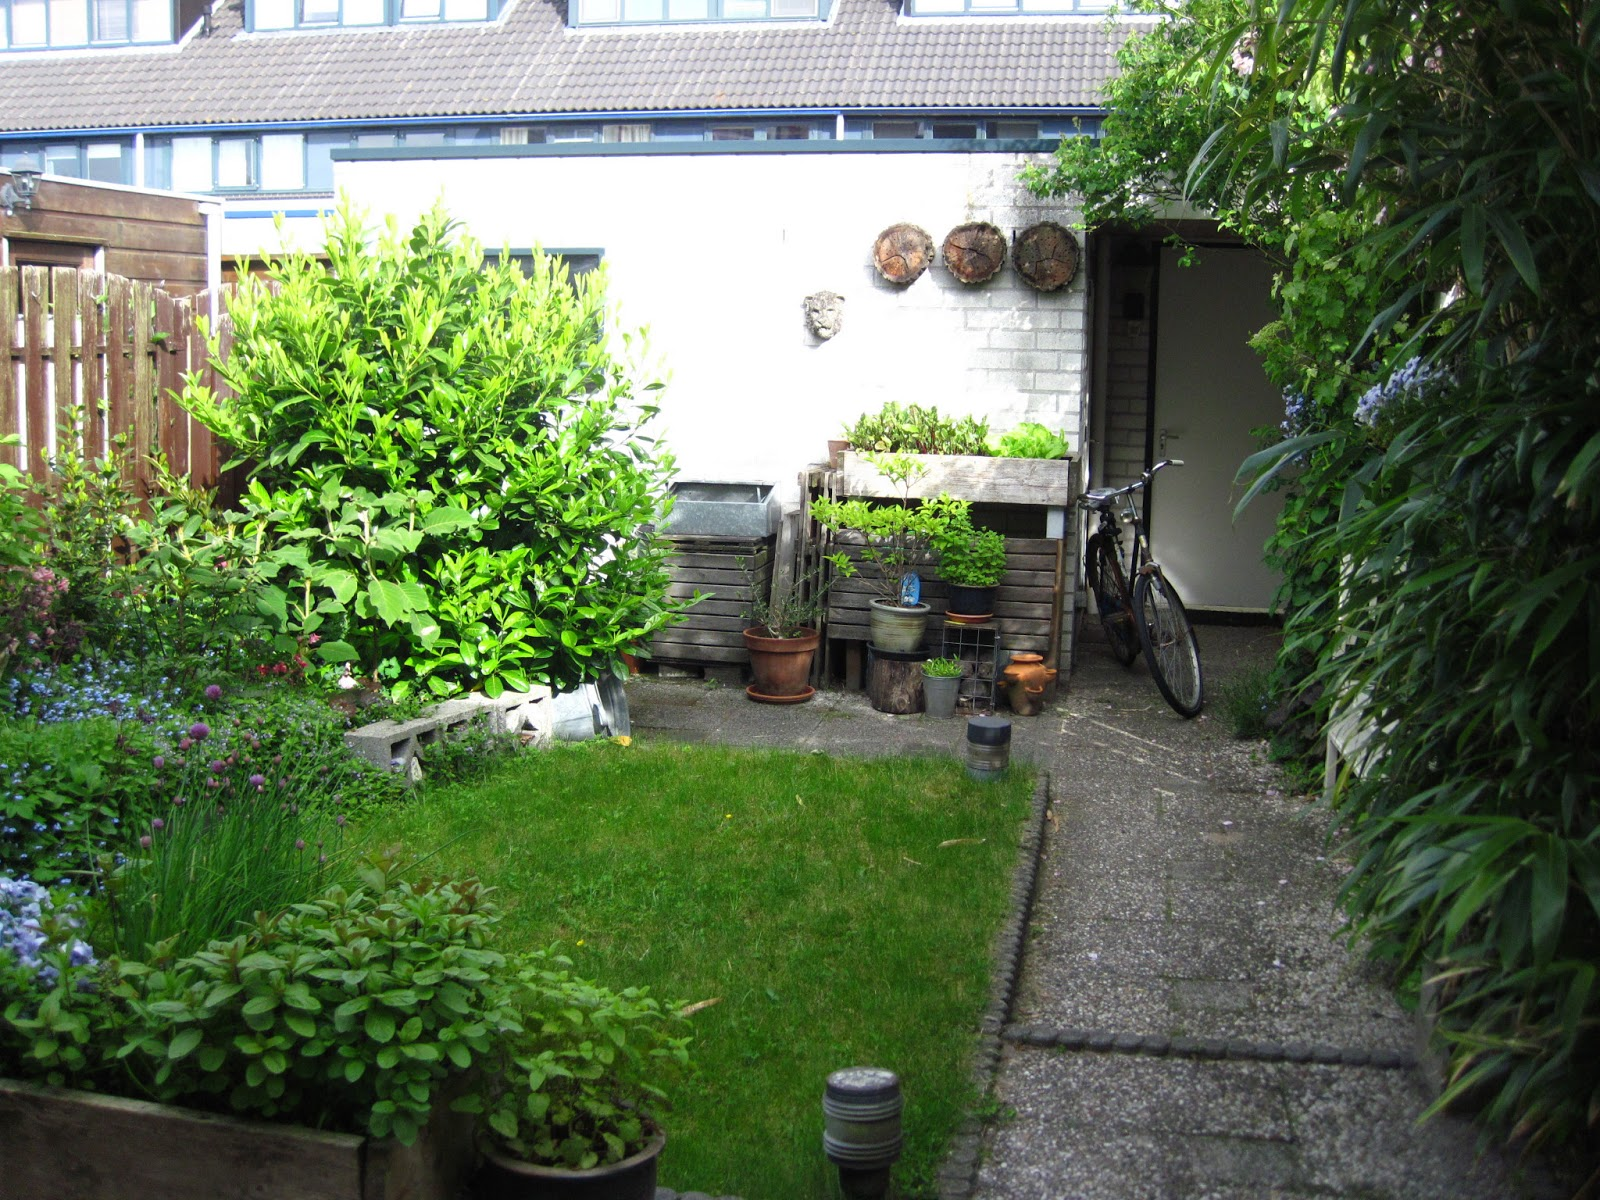 Te koop eengezinswoning in amersfoort hoe draait de zon in de tuin - Hoe amenager tuin ...